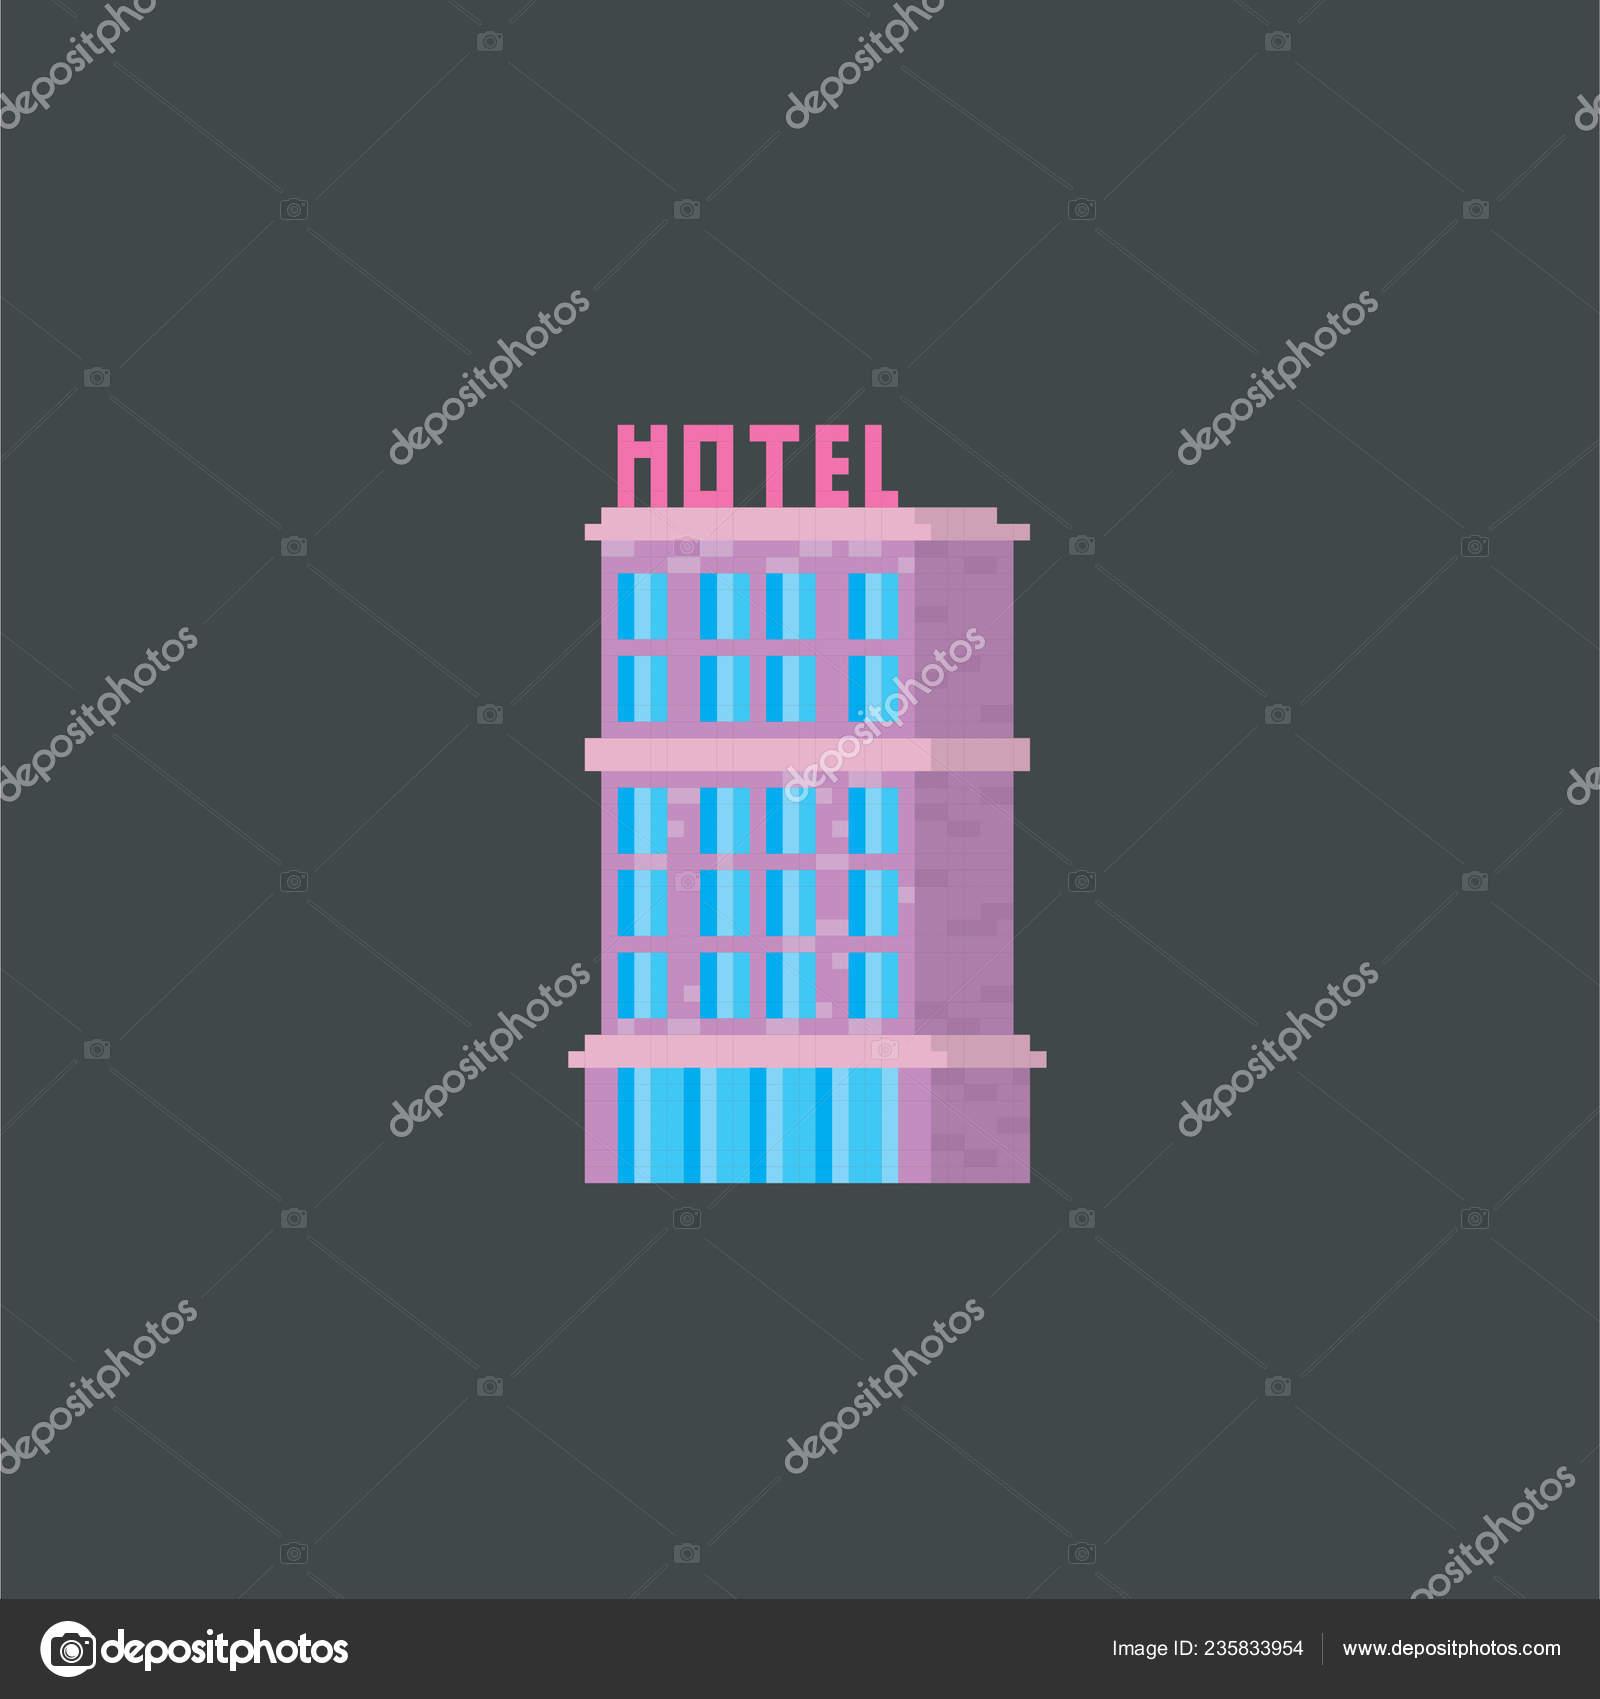 Hotel  Pixel art  Old school computer graphic  Element